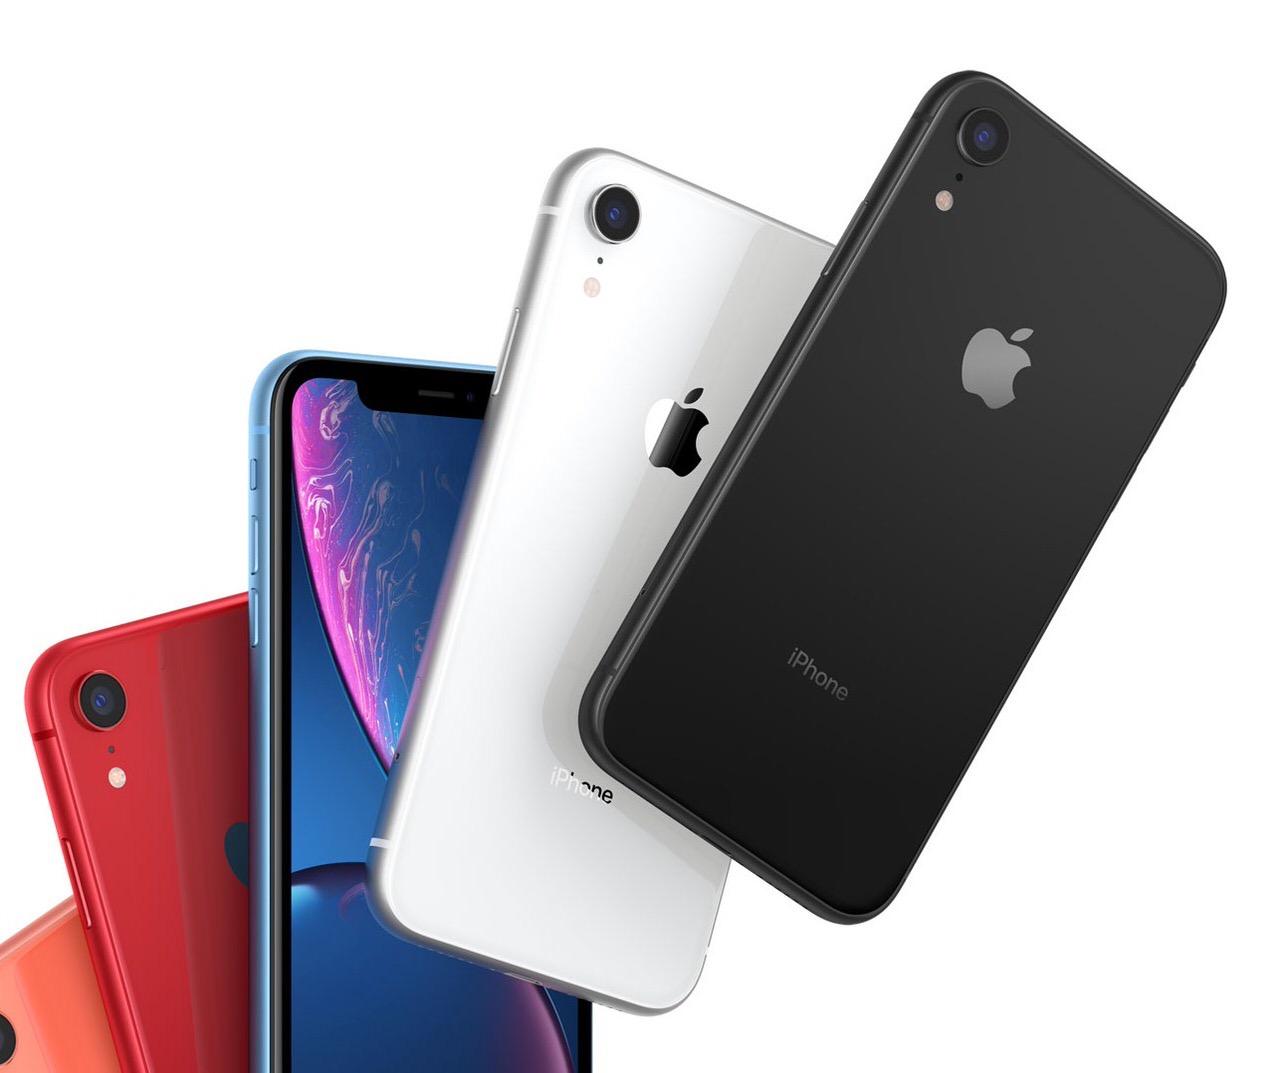 2020年リリースのiPhoneは5G対応5.4/6.7インチモデルとLTE対応6.1インチモデルとの予測